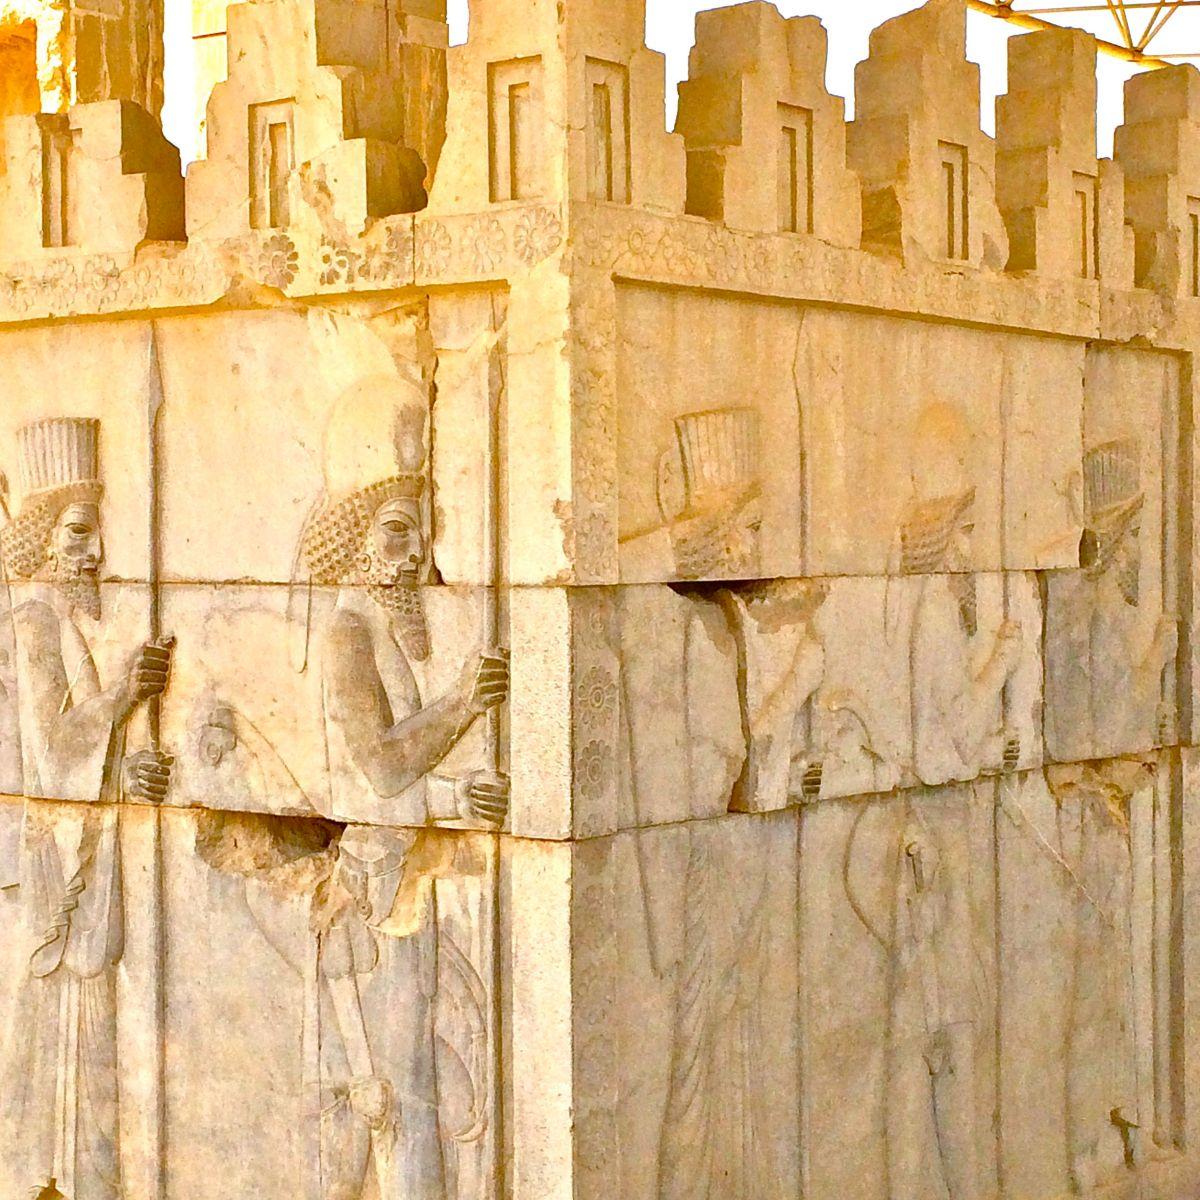 Alessandro Magno, Dioniso e l'incendio di Persepolis